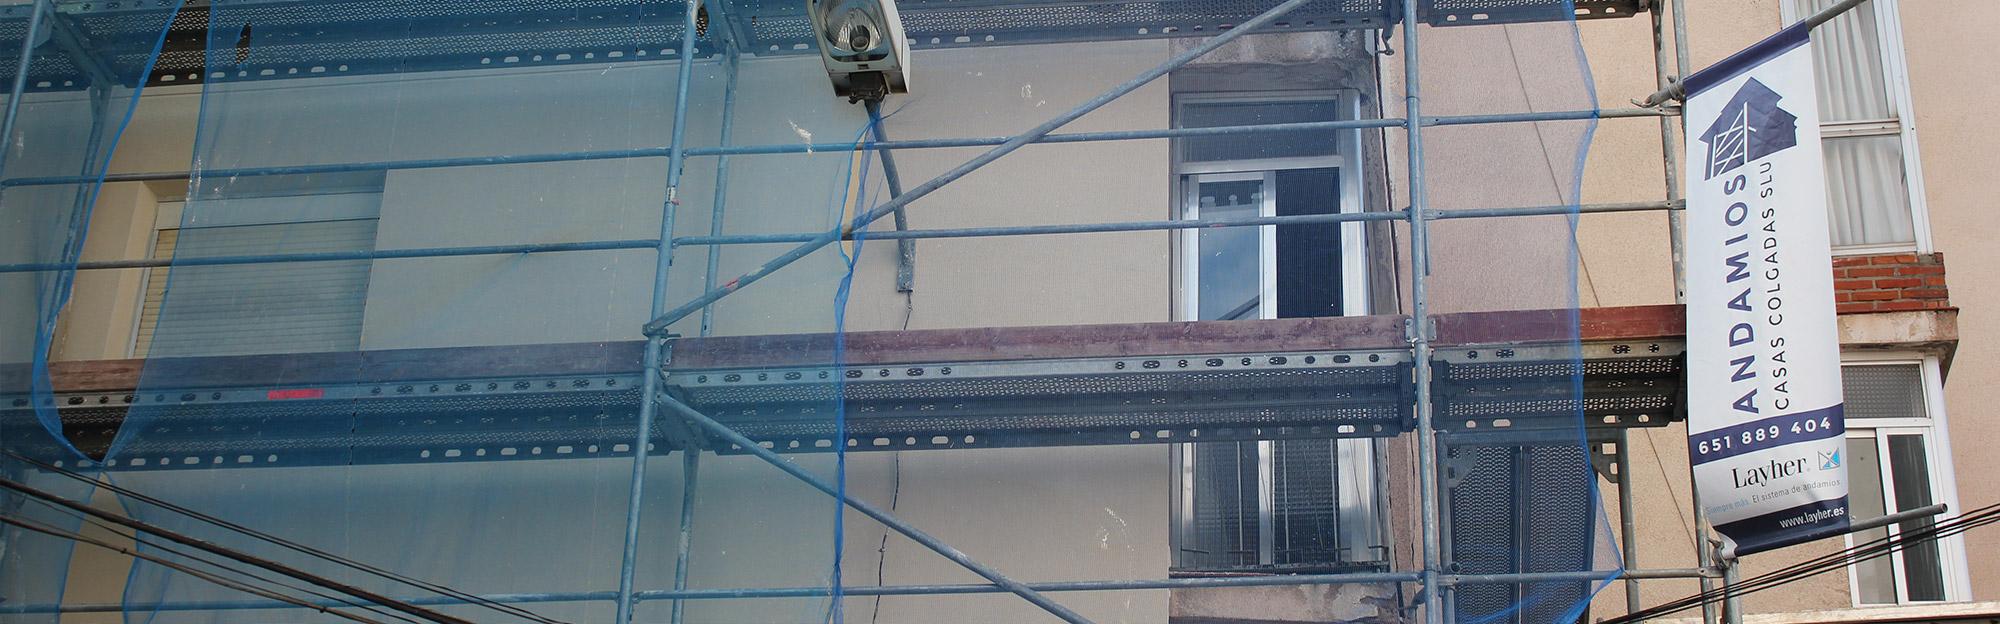 Andamios casas colgadas alquiler y montaje de andamios en for Alquiler de andamios en valencia